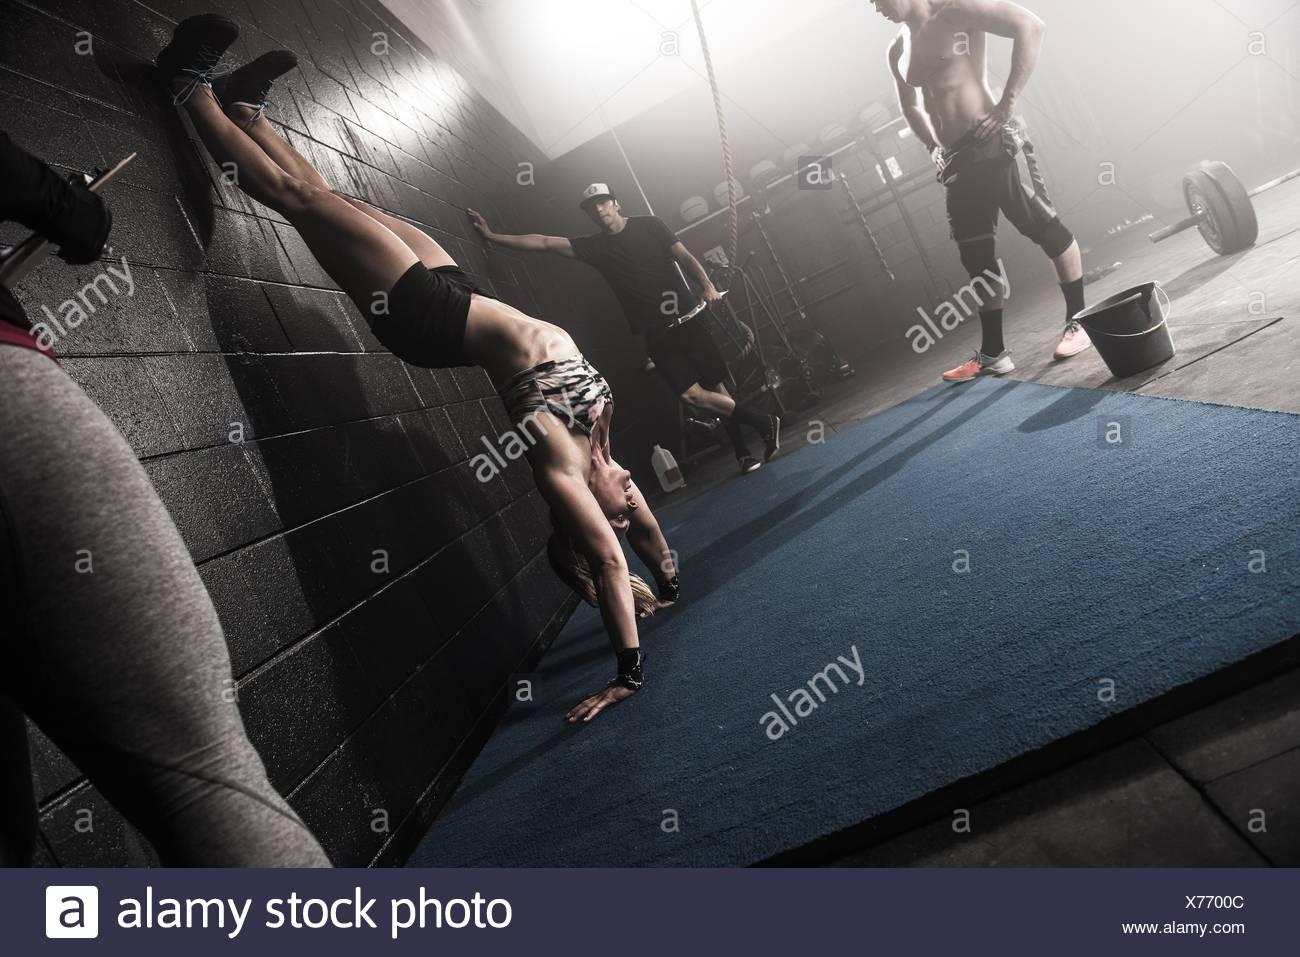 Groupe de personnes travaillant dans une salle de sport Photo Stock